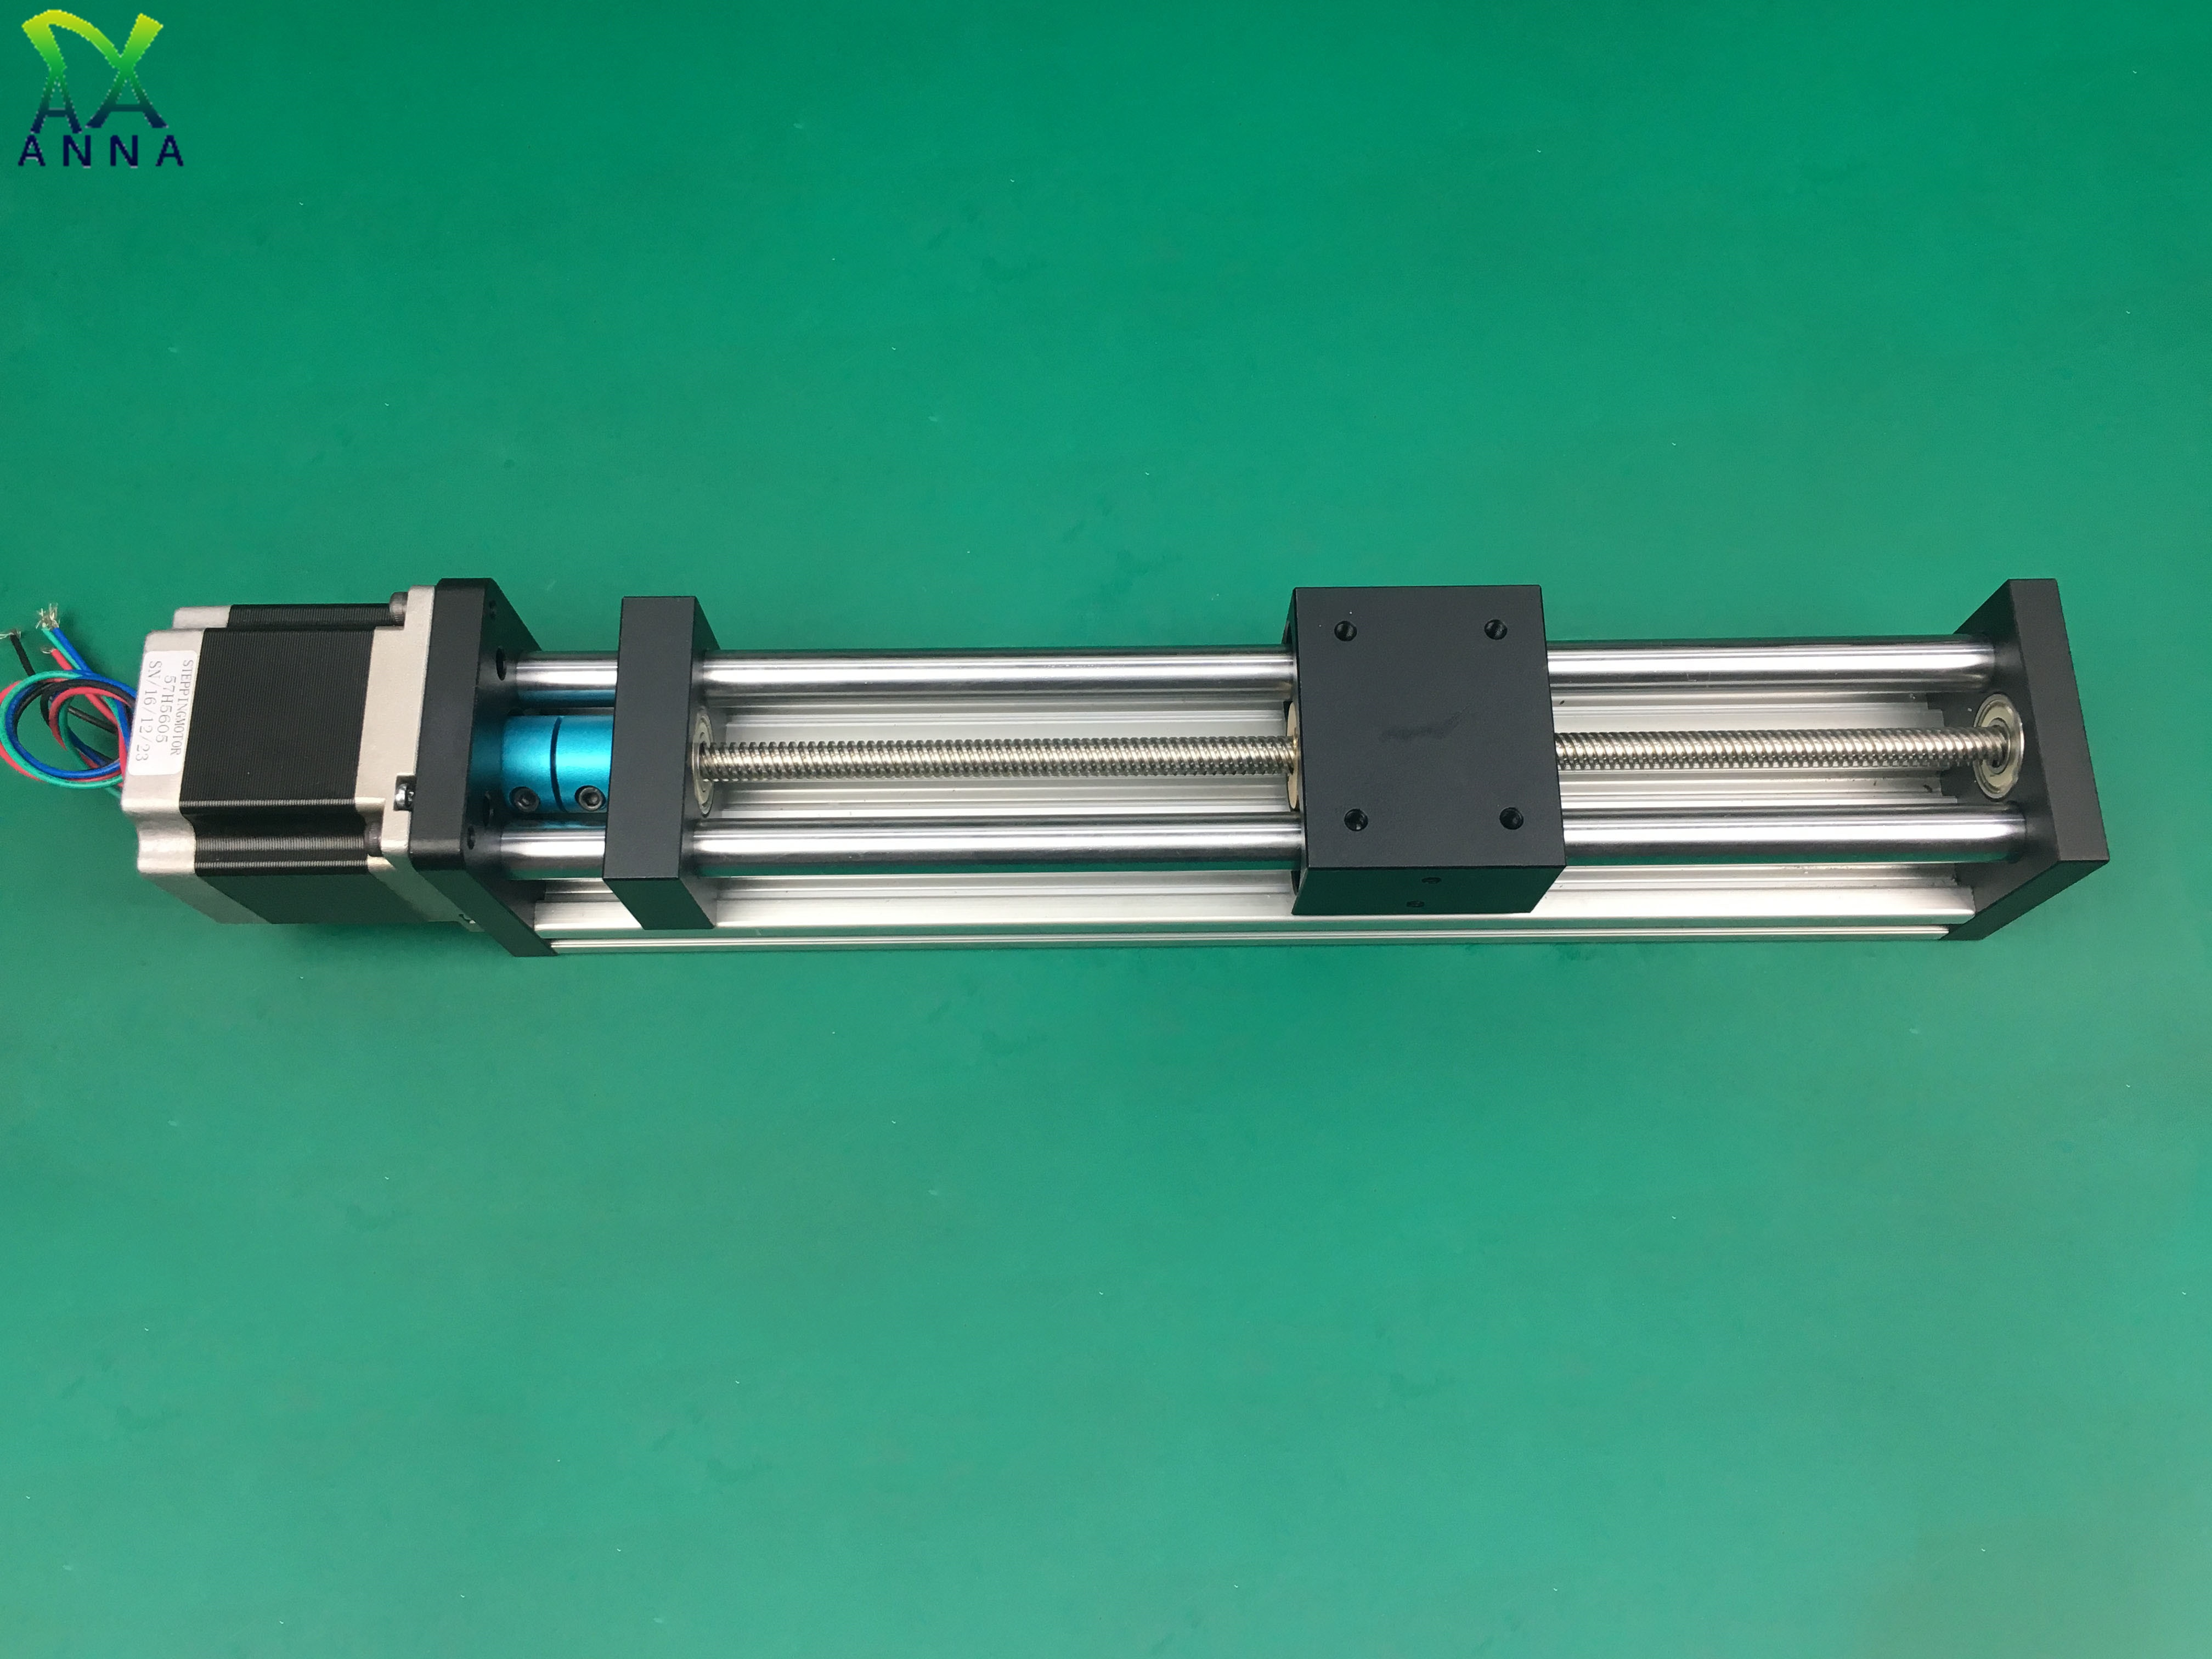 ذراع آلي قضيب الكرة اللولبية خطي السكك الحديدية دليل الشريحة الجدول المحرك ل نك XYZ وحدة الحركة أجزاء بمحركات راوتر أطقم 300 مللي متر